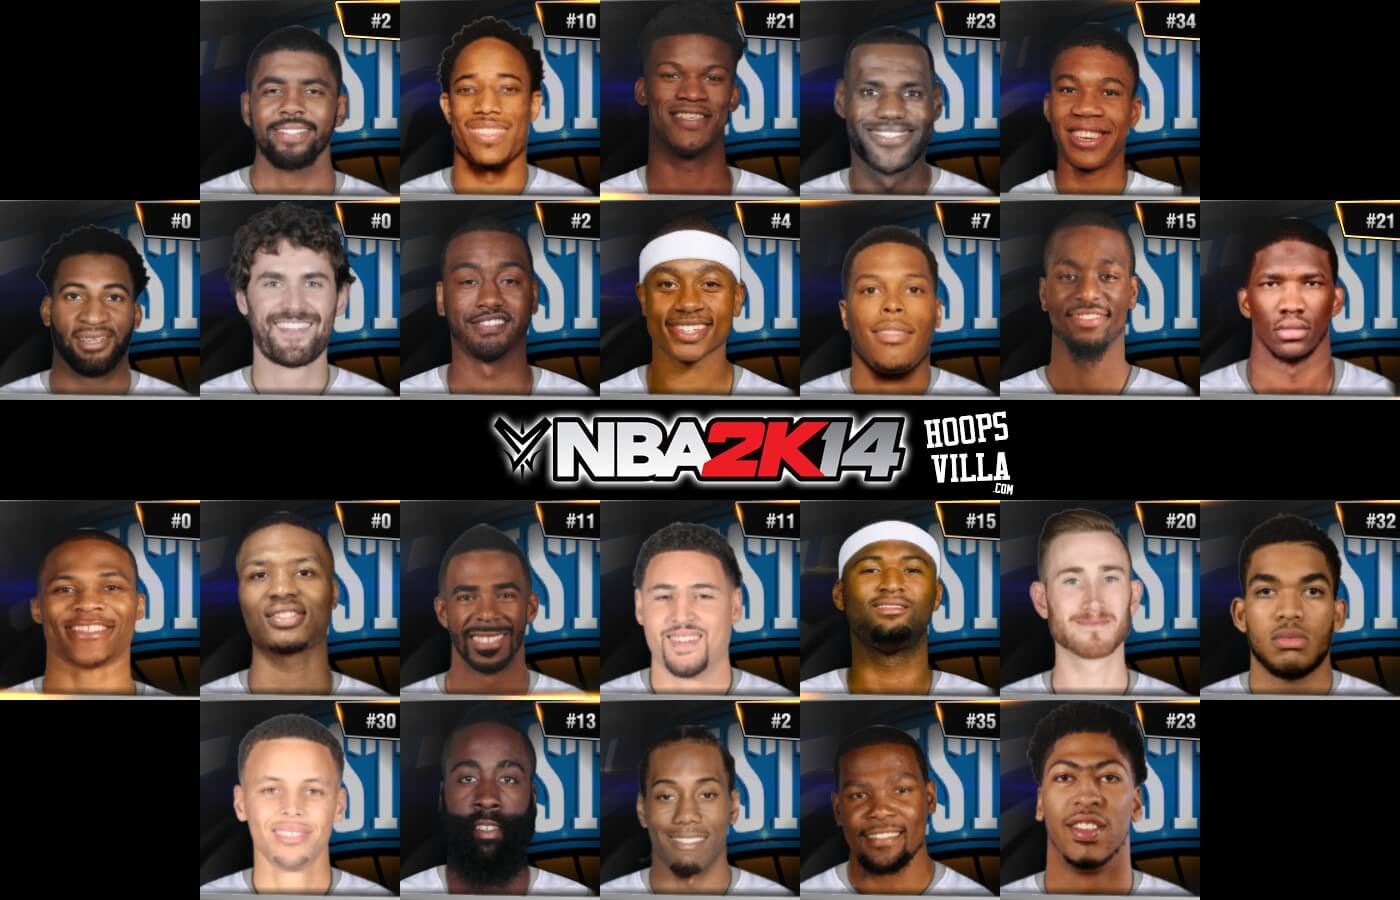 de75c71bb25c NBA 2k14 Ultimate Roster Update v8.4   January 21st